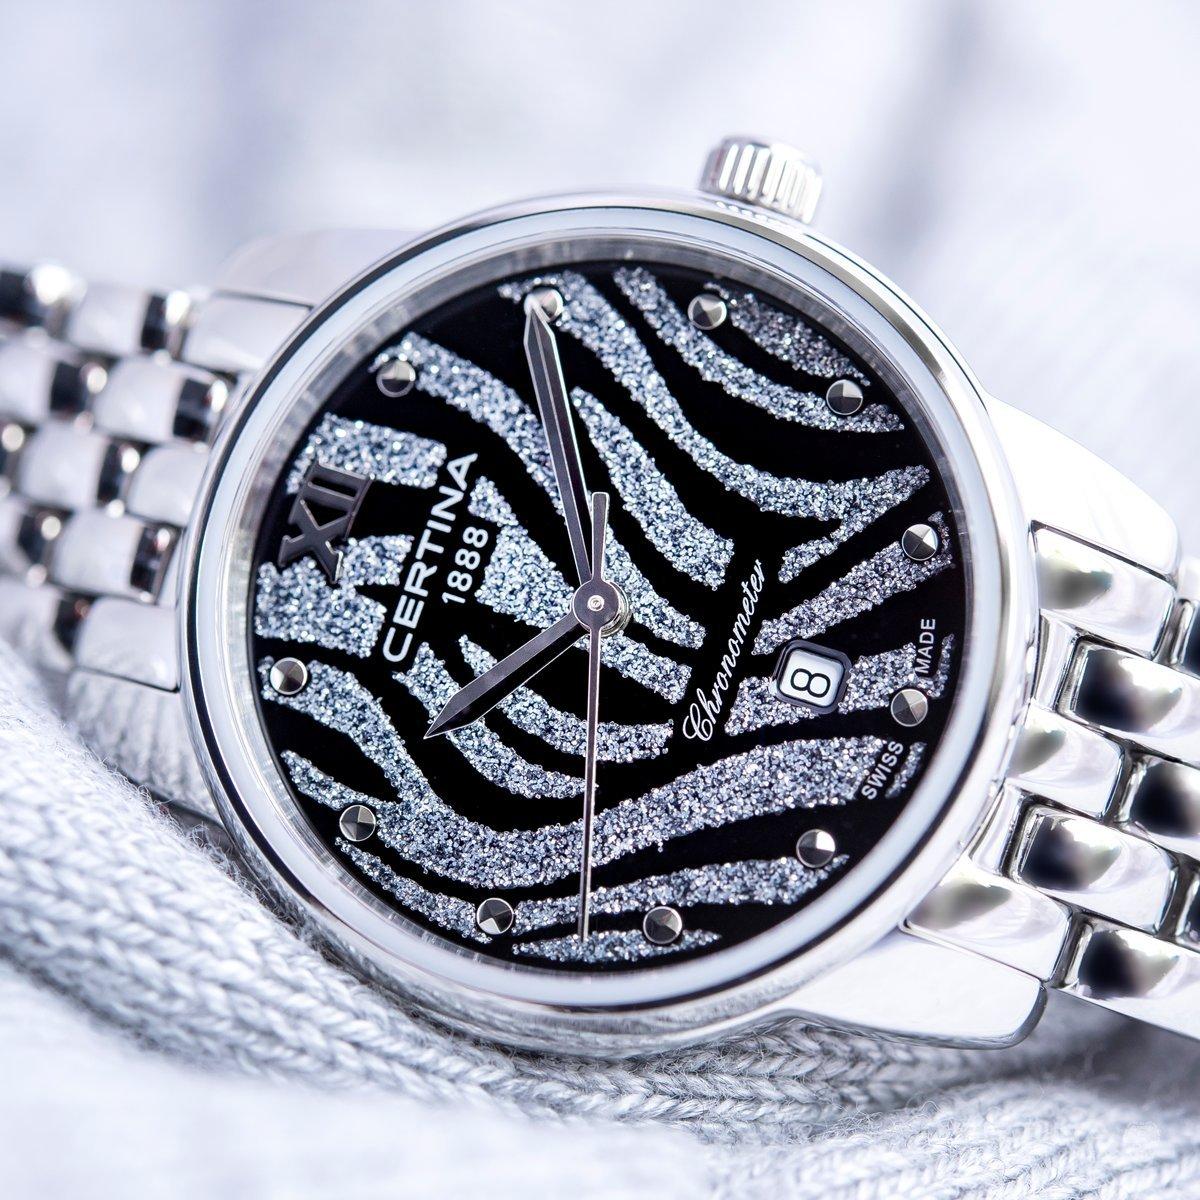 Elegancki zegarek Cetina C033.051.11.058.00 DS-8 z piękną tarczą w srebrne jak i czarne tygrysie prążki zrobione z masy perłowej oraz brokatu.